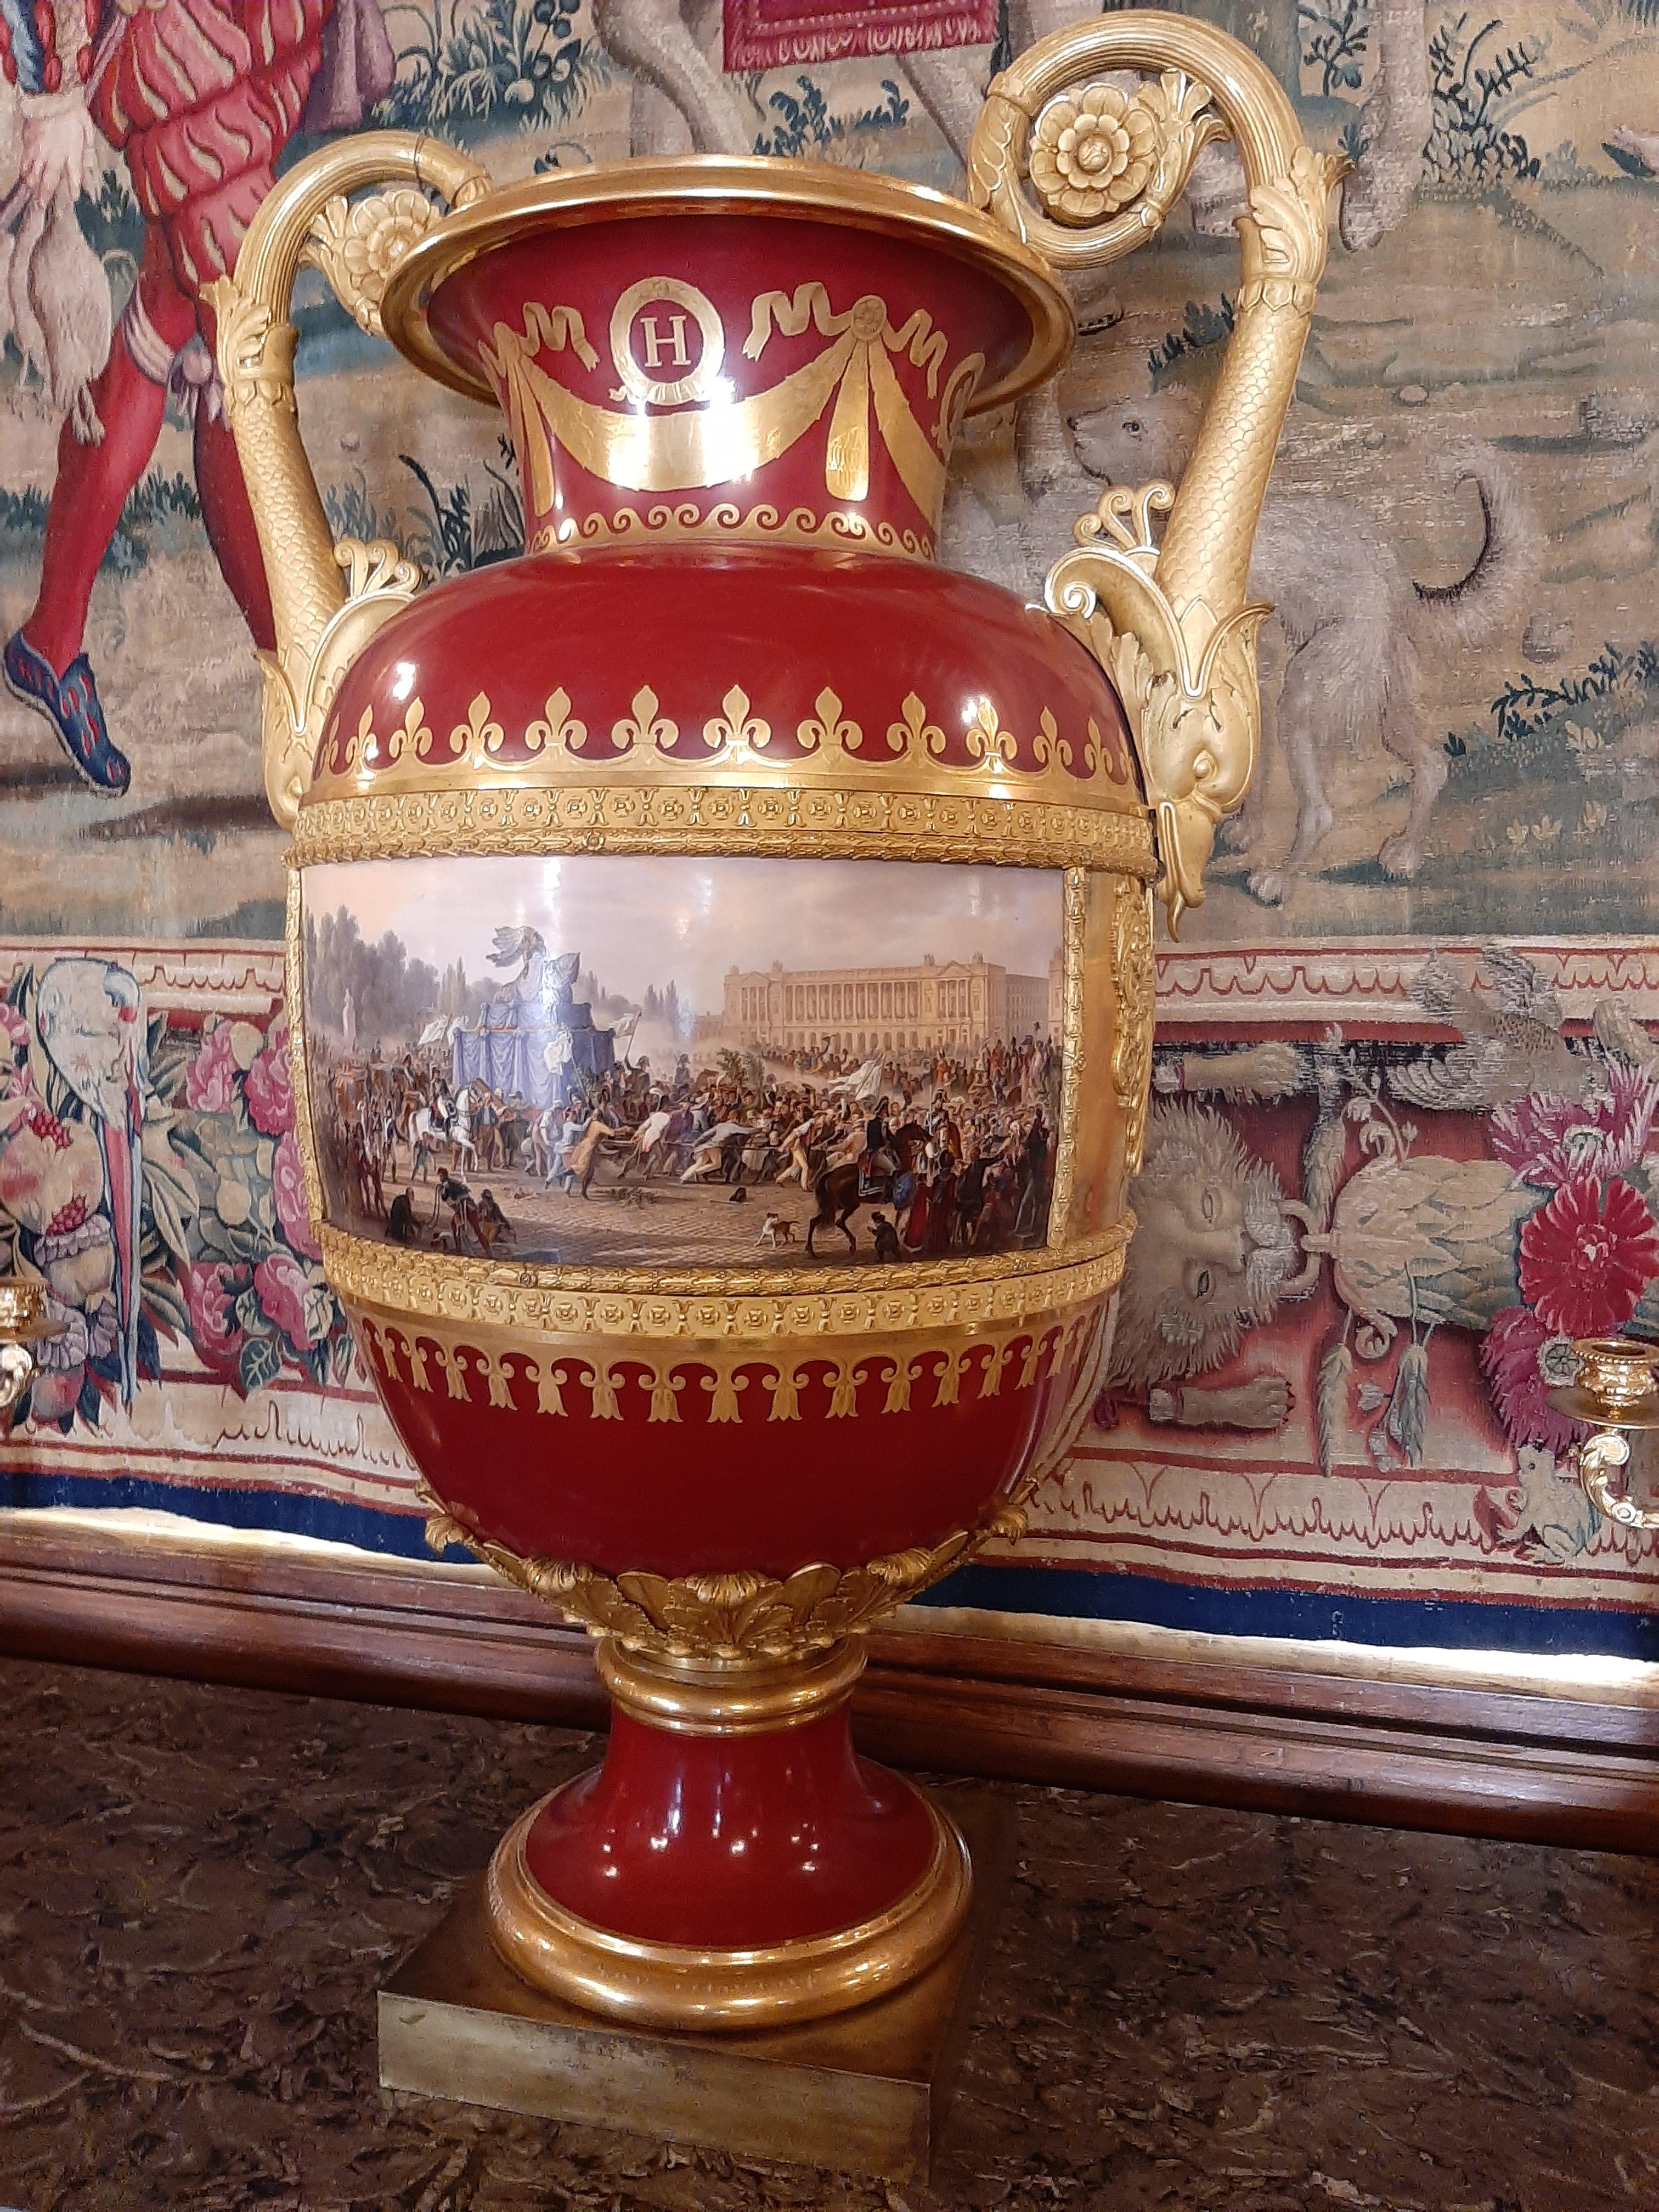 Grand vase de forme étrusque représentant l'inauguration de l'installation de la statue d'Henri IV sur le Pont neuf en 1818